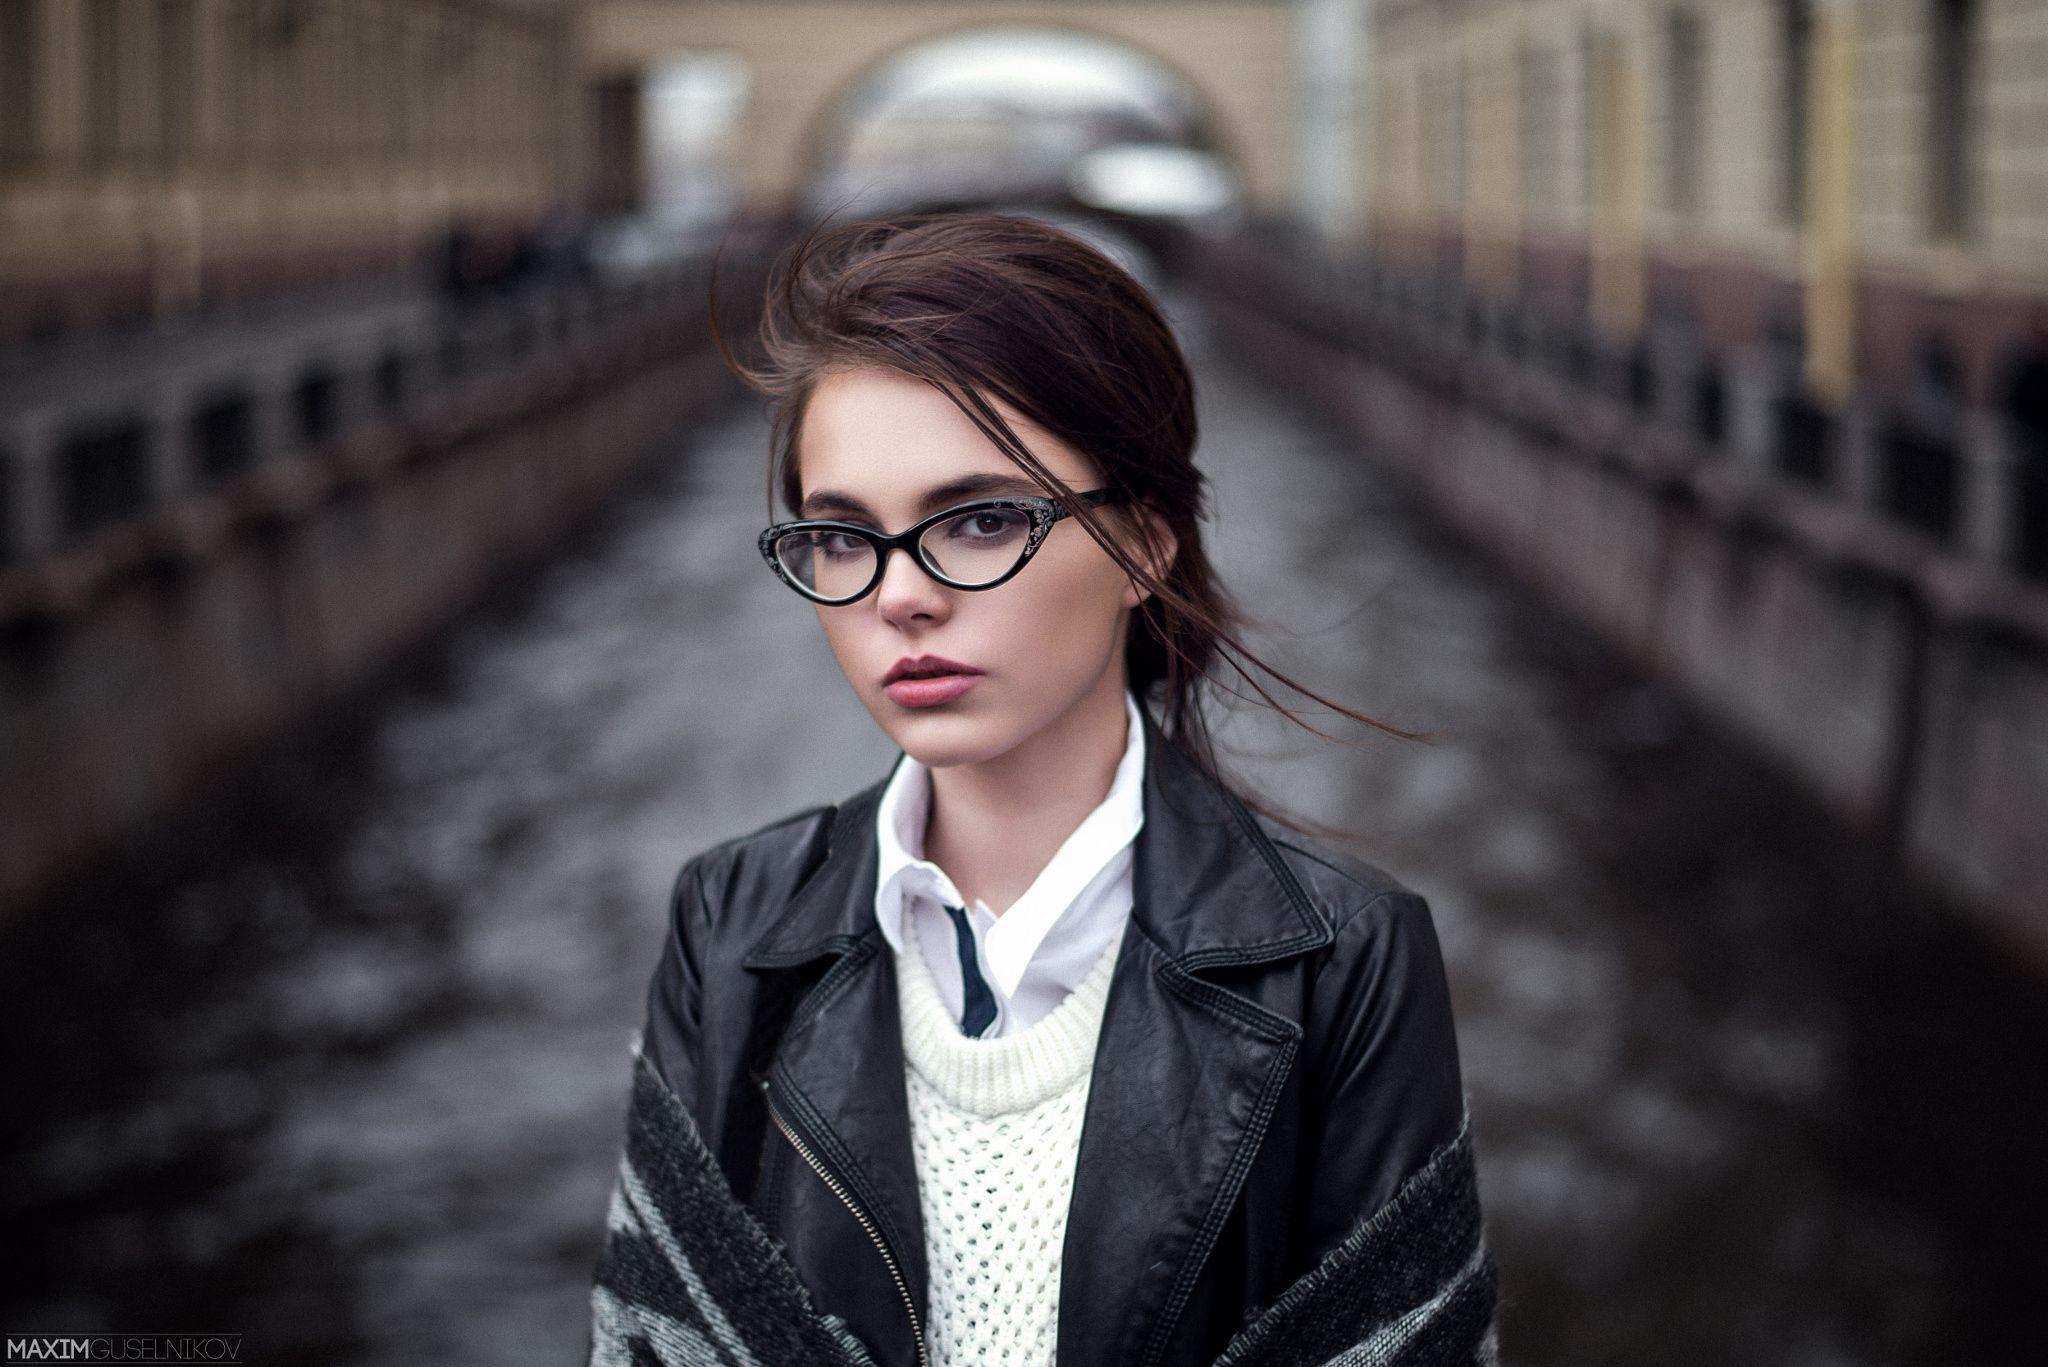 Brina by Maxim  Guselnikov on 500px